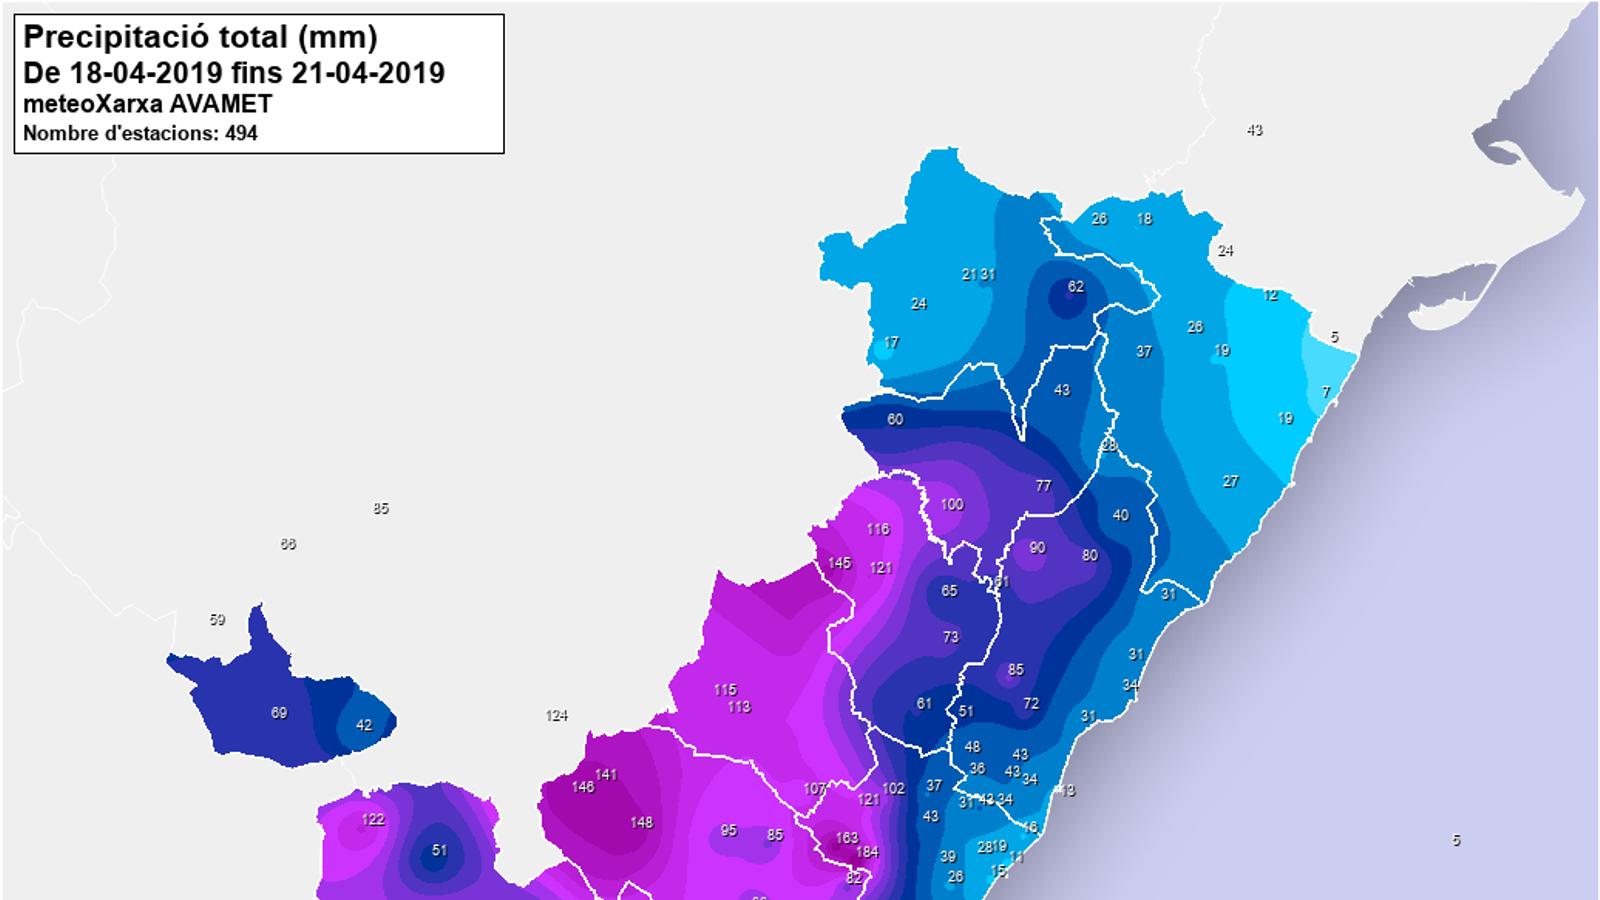 Precipitació acumulada entre els dies 18 i 21 d'abril al País Valencià